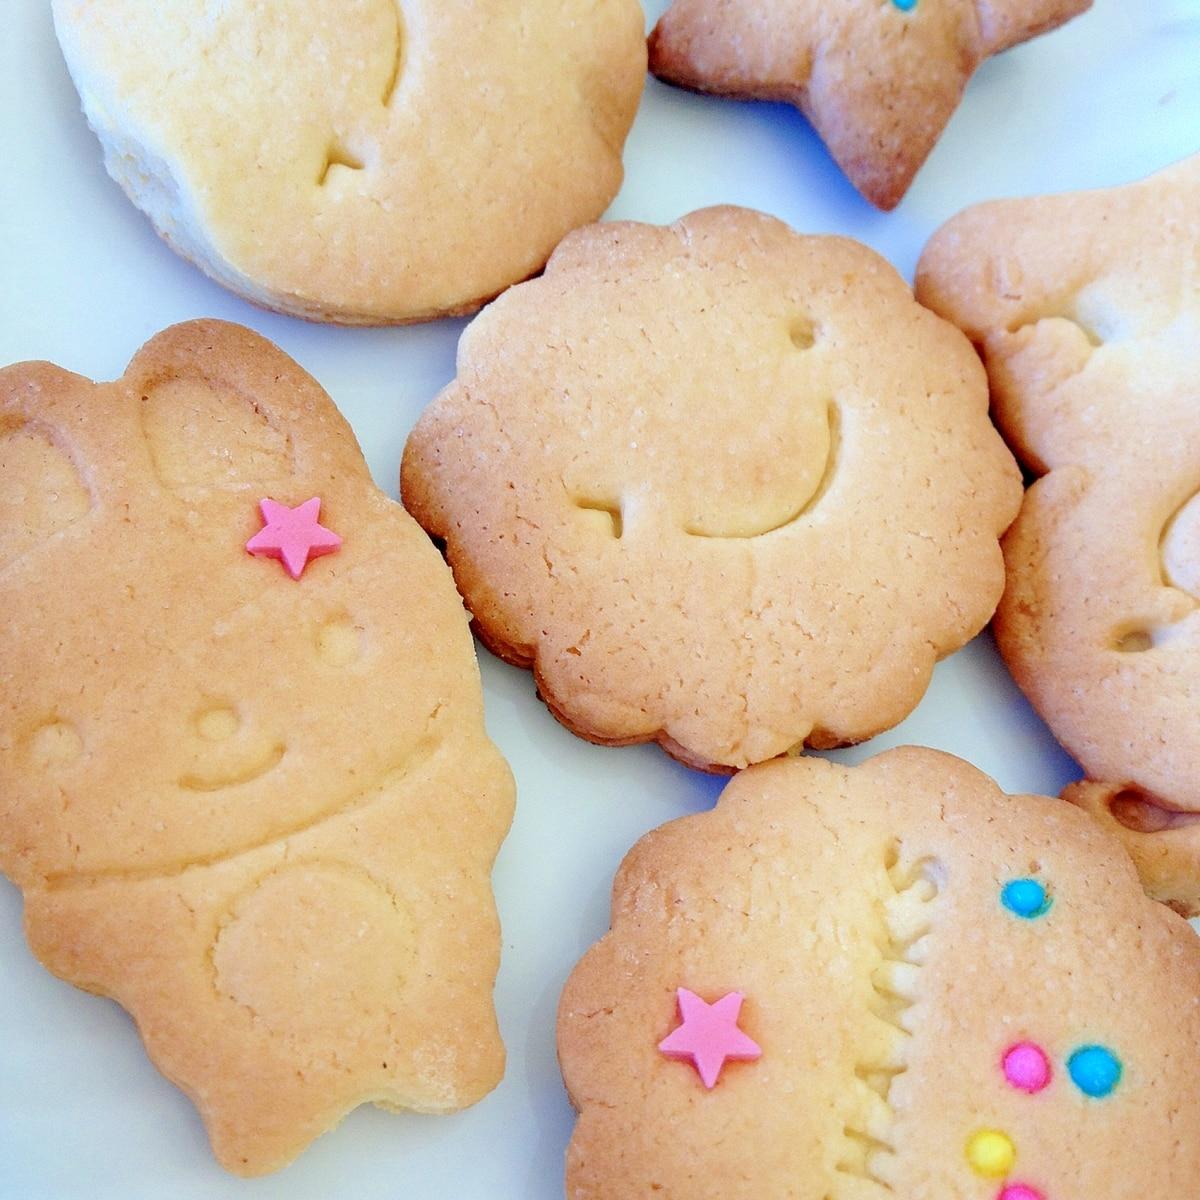 ない クッキー 使わ バター バターを使わないで作れる!おしゃれカフェ風クッキーの作り方・レシピ